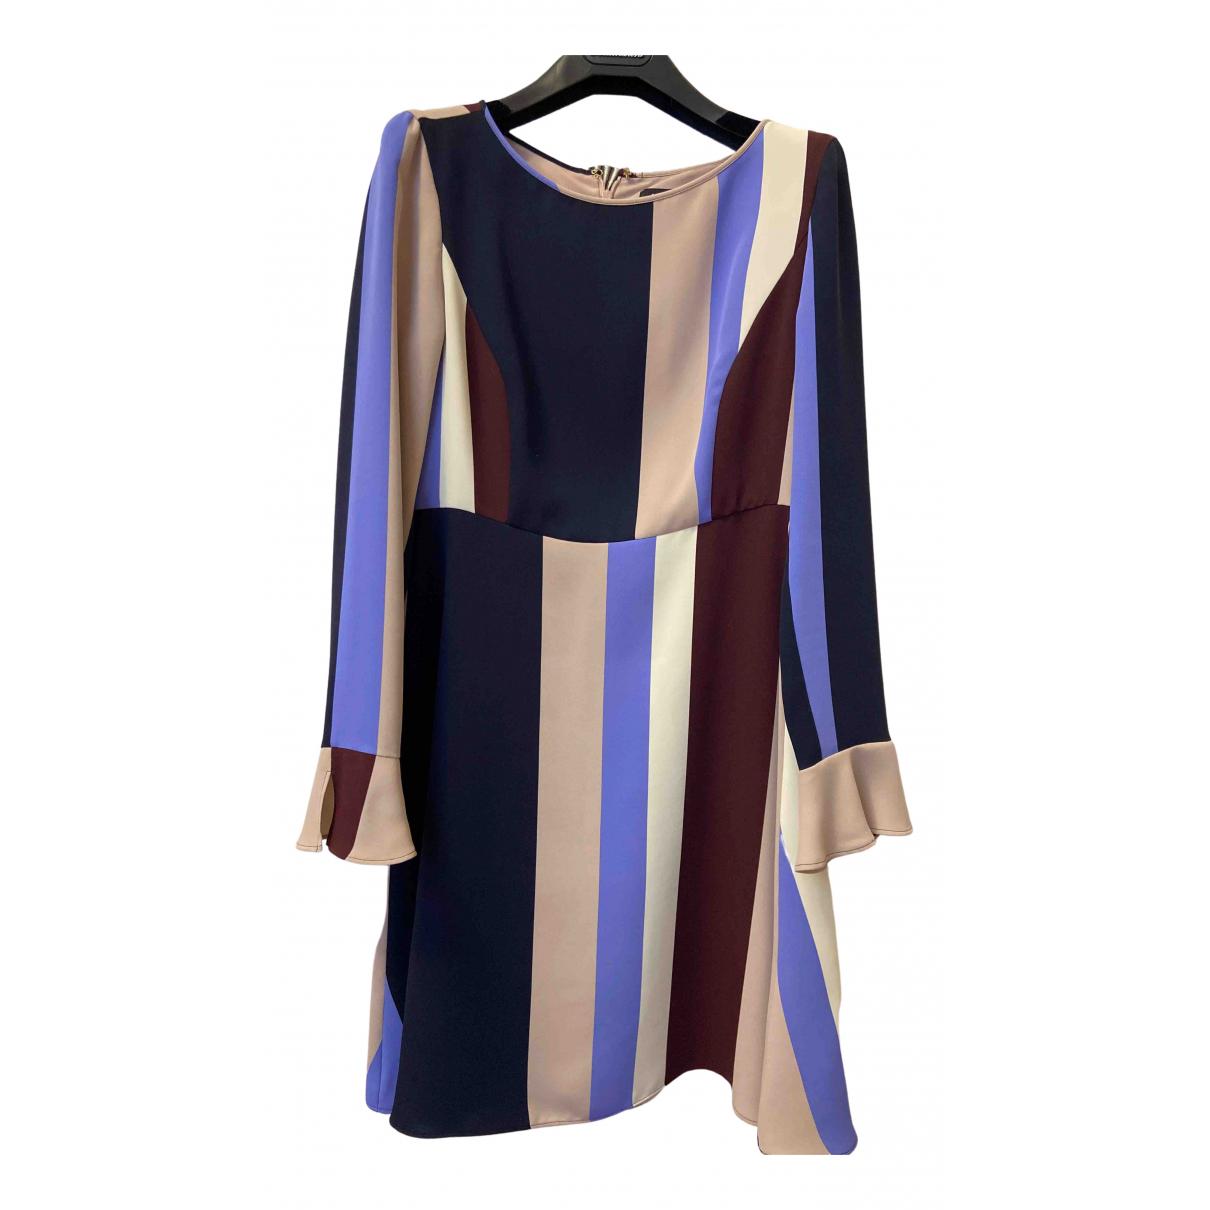 Max & Co \N Kleid in  Bunt Baumwolle - Elasthan